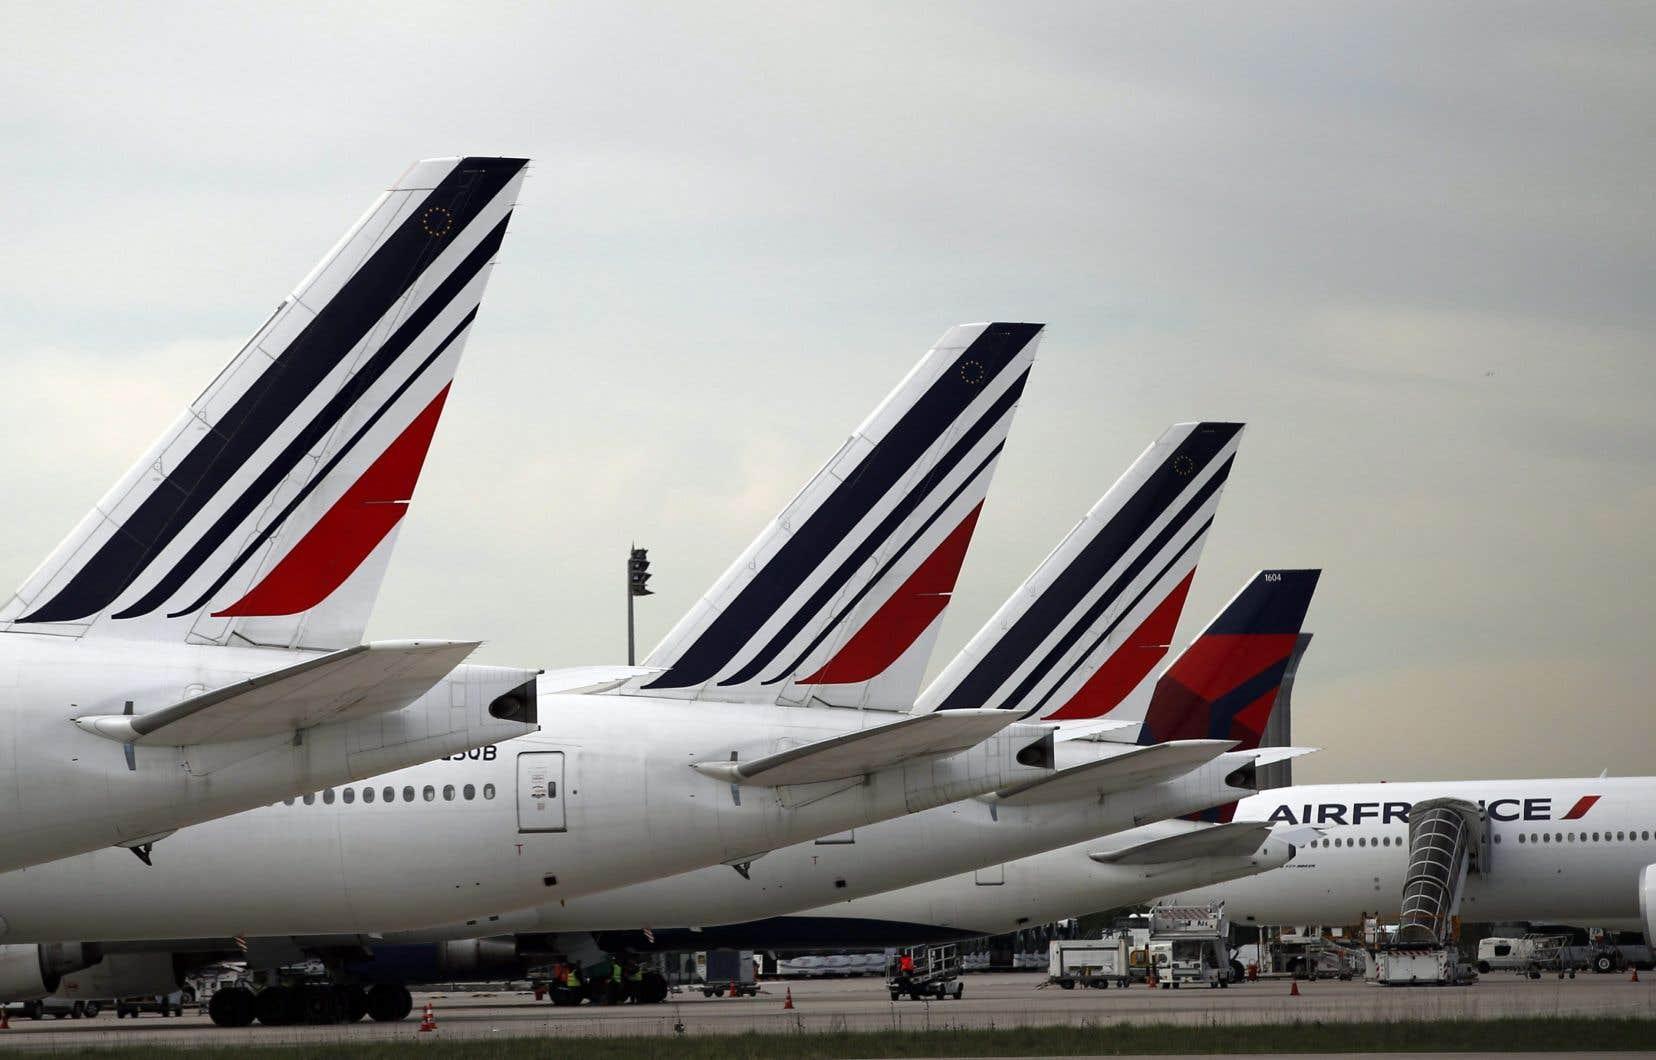 Comme la plupart des compagnies aériennes, Air France a dû remiser une grande partie de ses appareils, jusqu'à 80% de sa flotte au plus fort de la crise sanitaire.